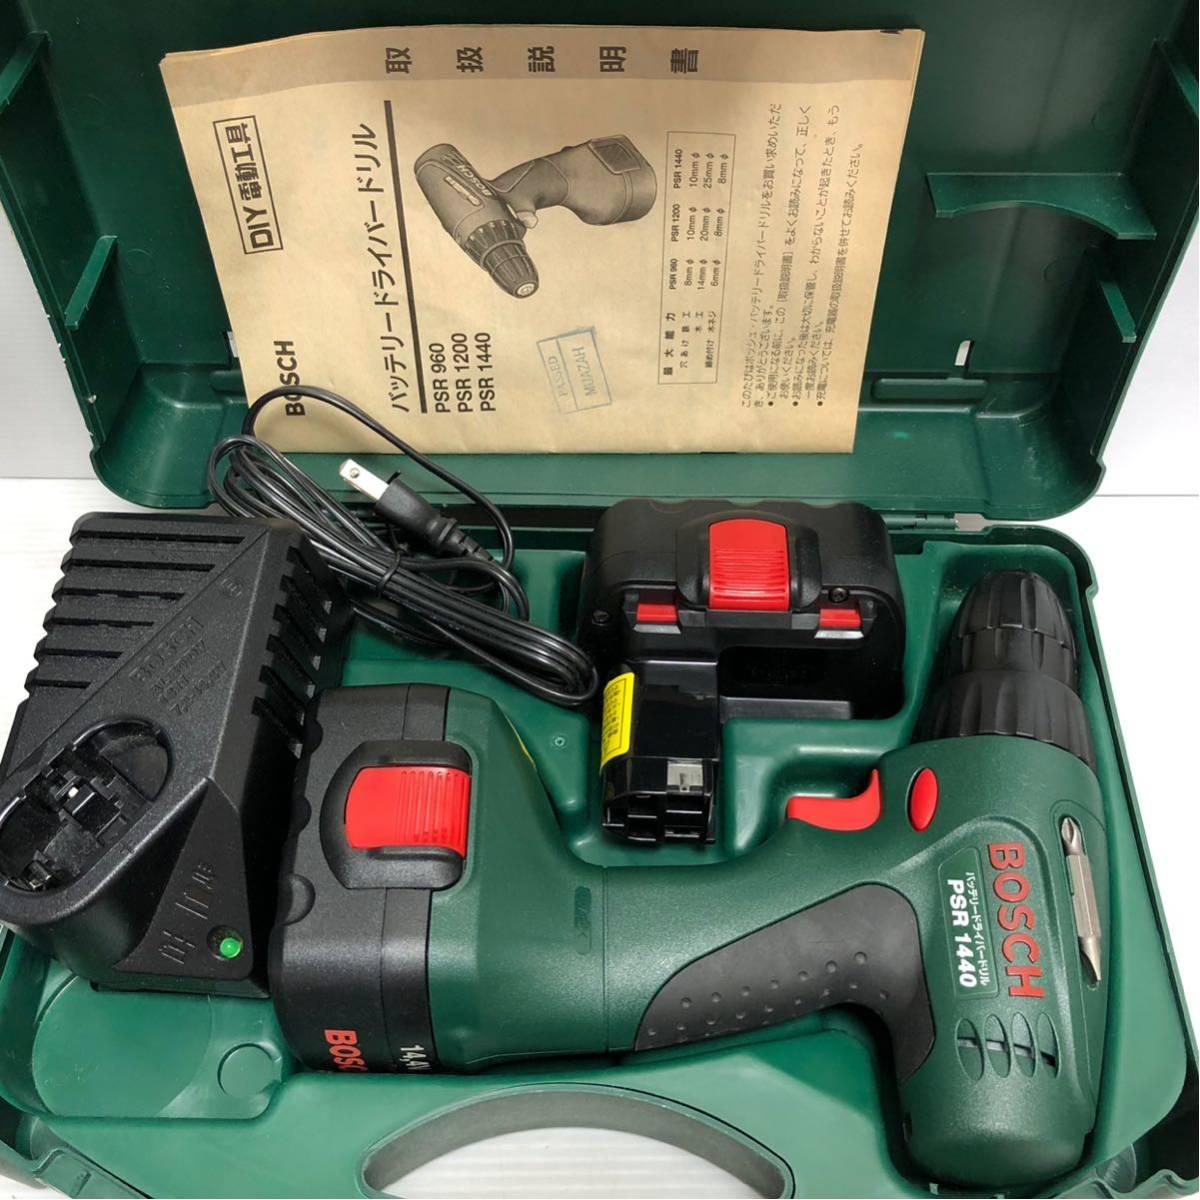 BOSCH ボッシュ 電動工具 PSR1440 バッテリードライバードリル バッテリー2個付 14.4v アクセサリーセット付 _画像4